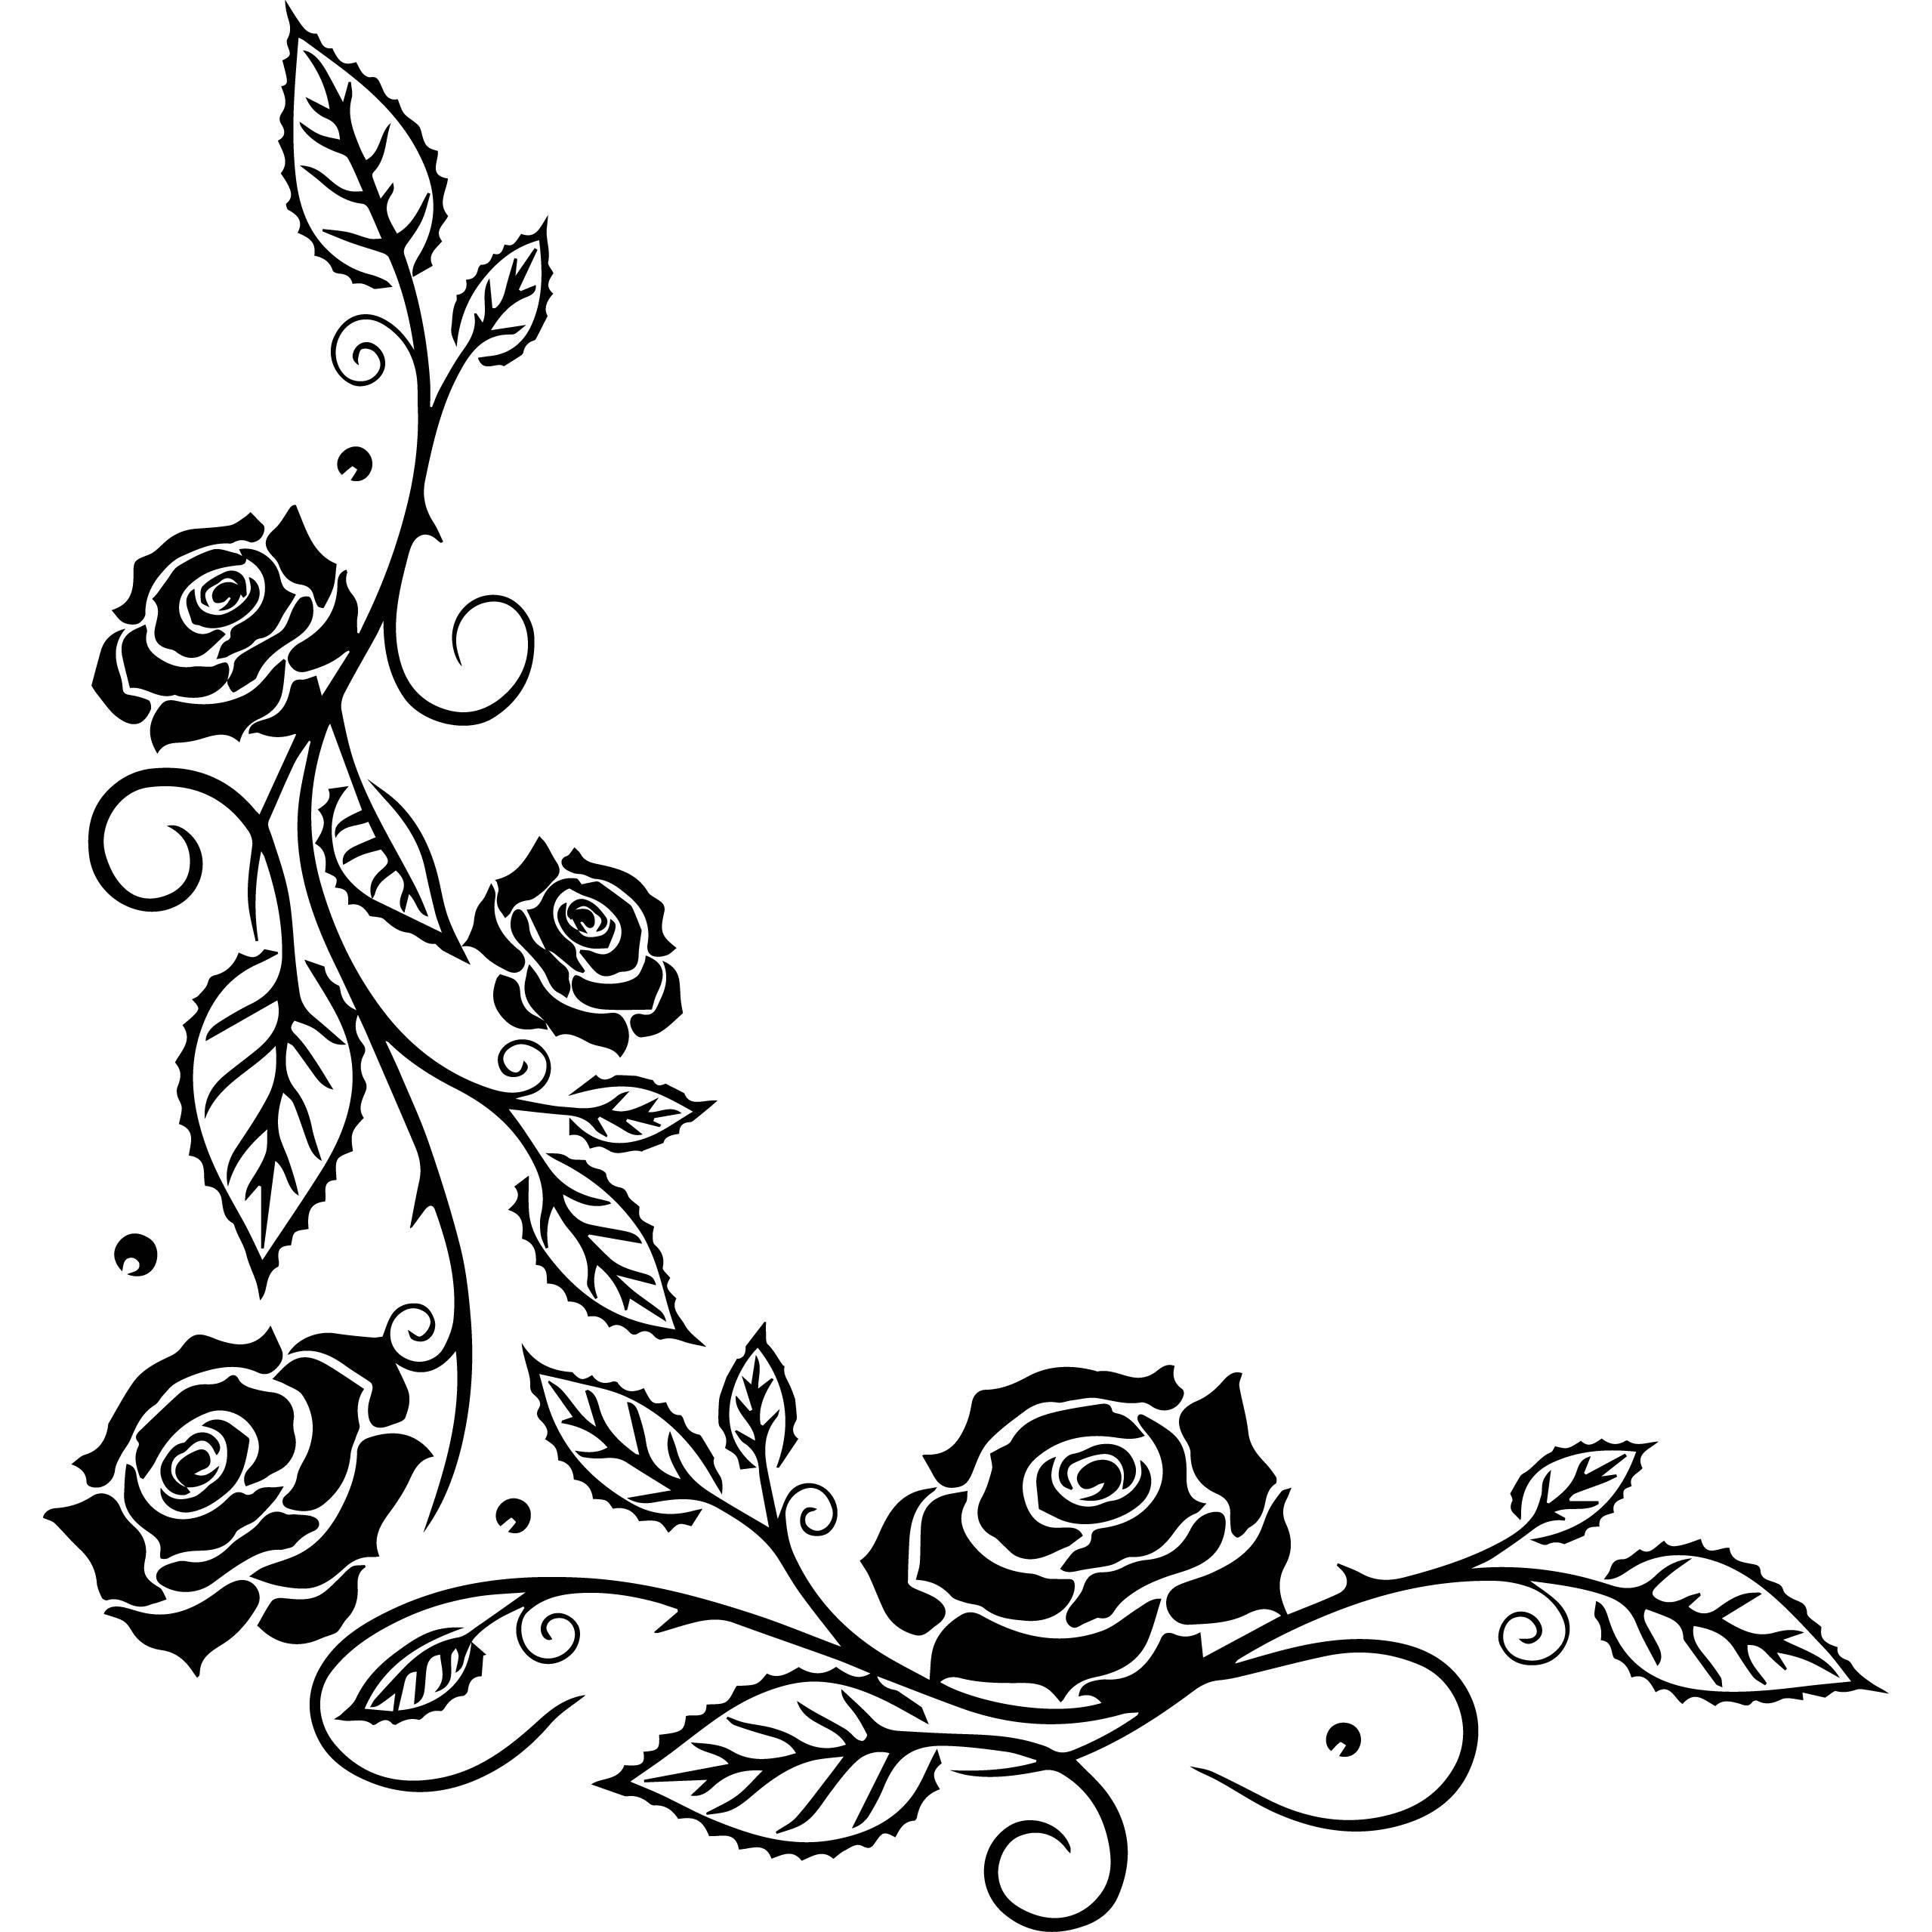 Elementos cintas logotipo flores rosas emblema lindo diseño Marcos ...